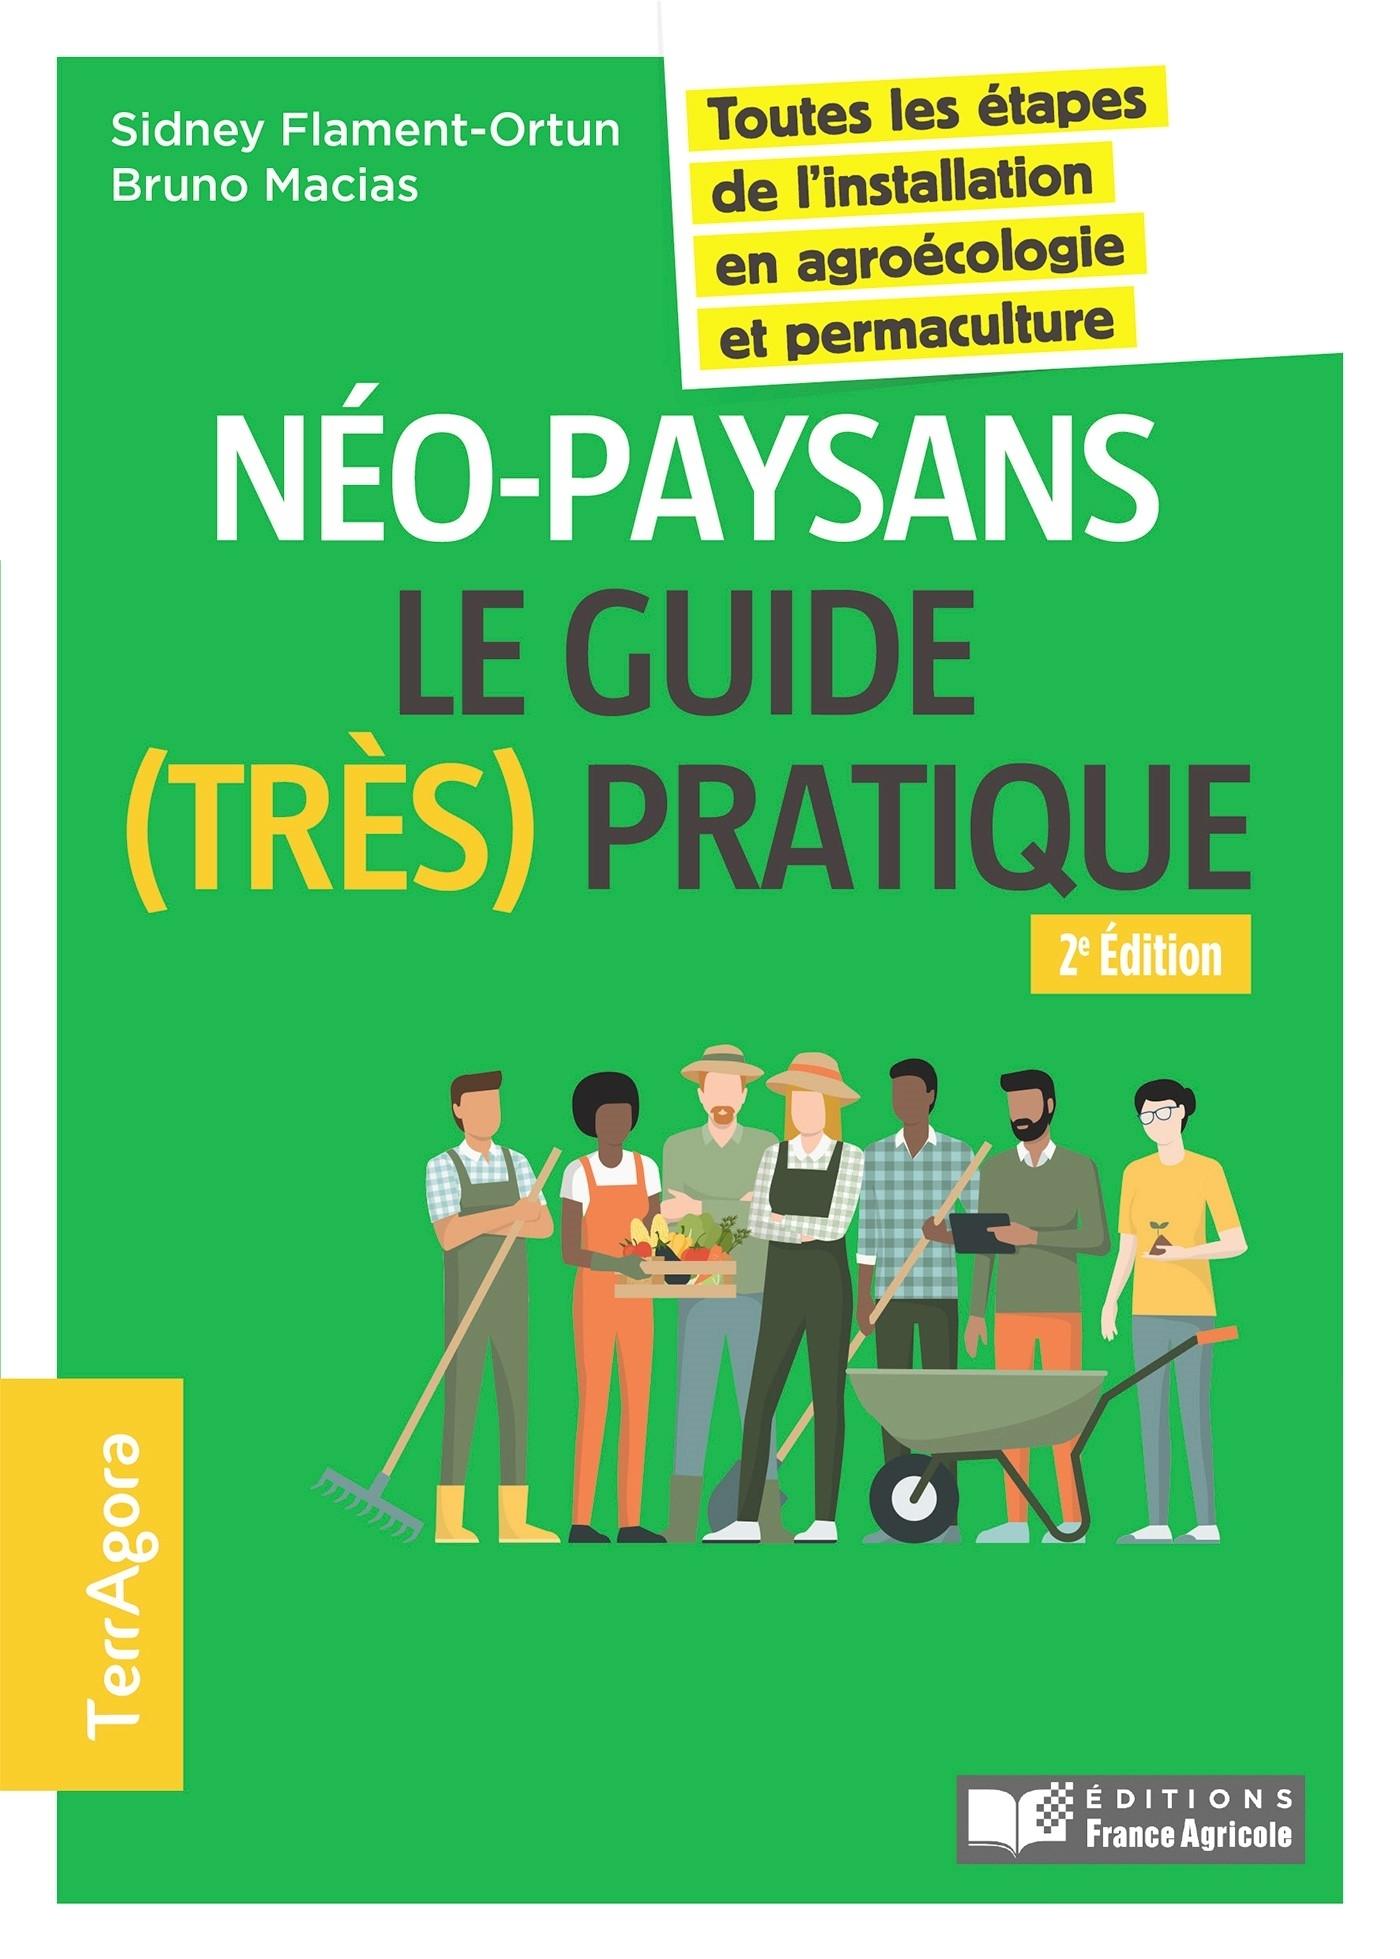 NEO-PAYSANS, LE GUIDE (TRES) PRATIQUE - 2E ED. - TOUTES LES ETAPES DE L'INSTALLATION EN AGROECOLOGIE